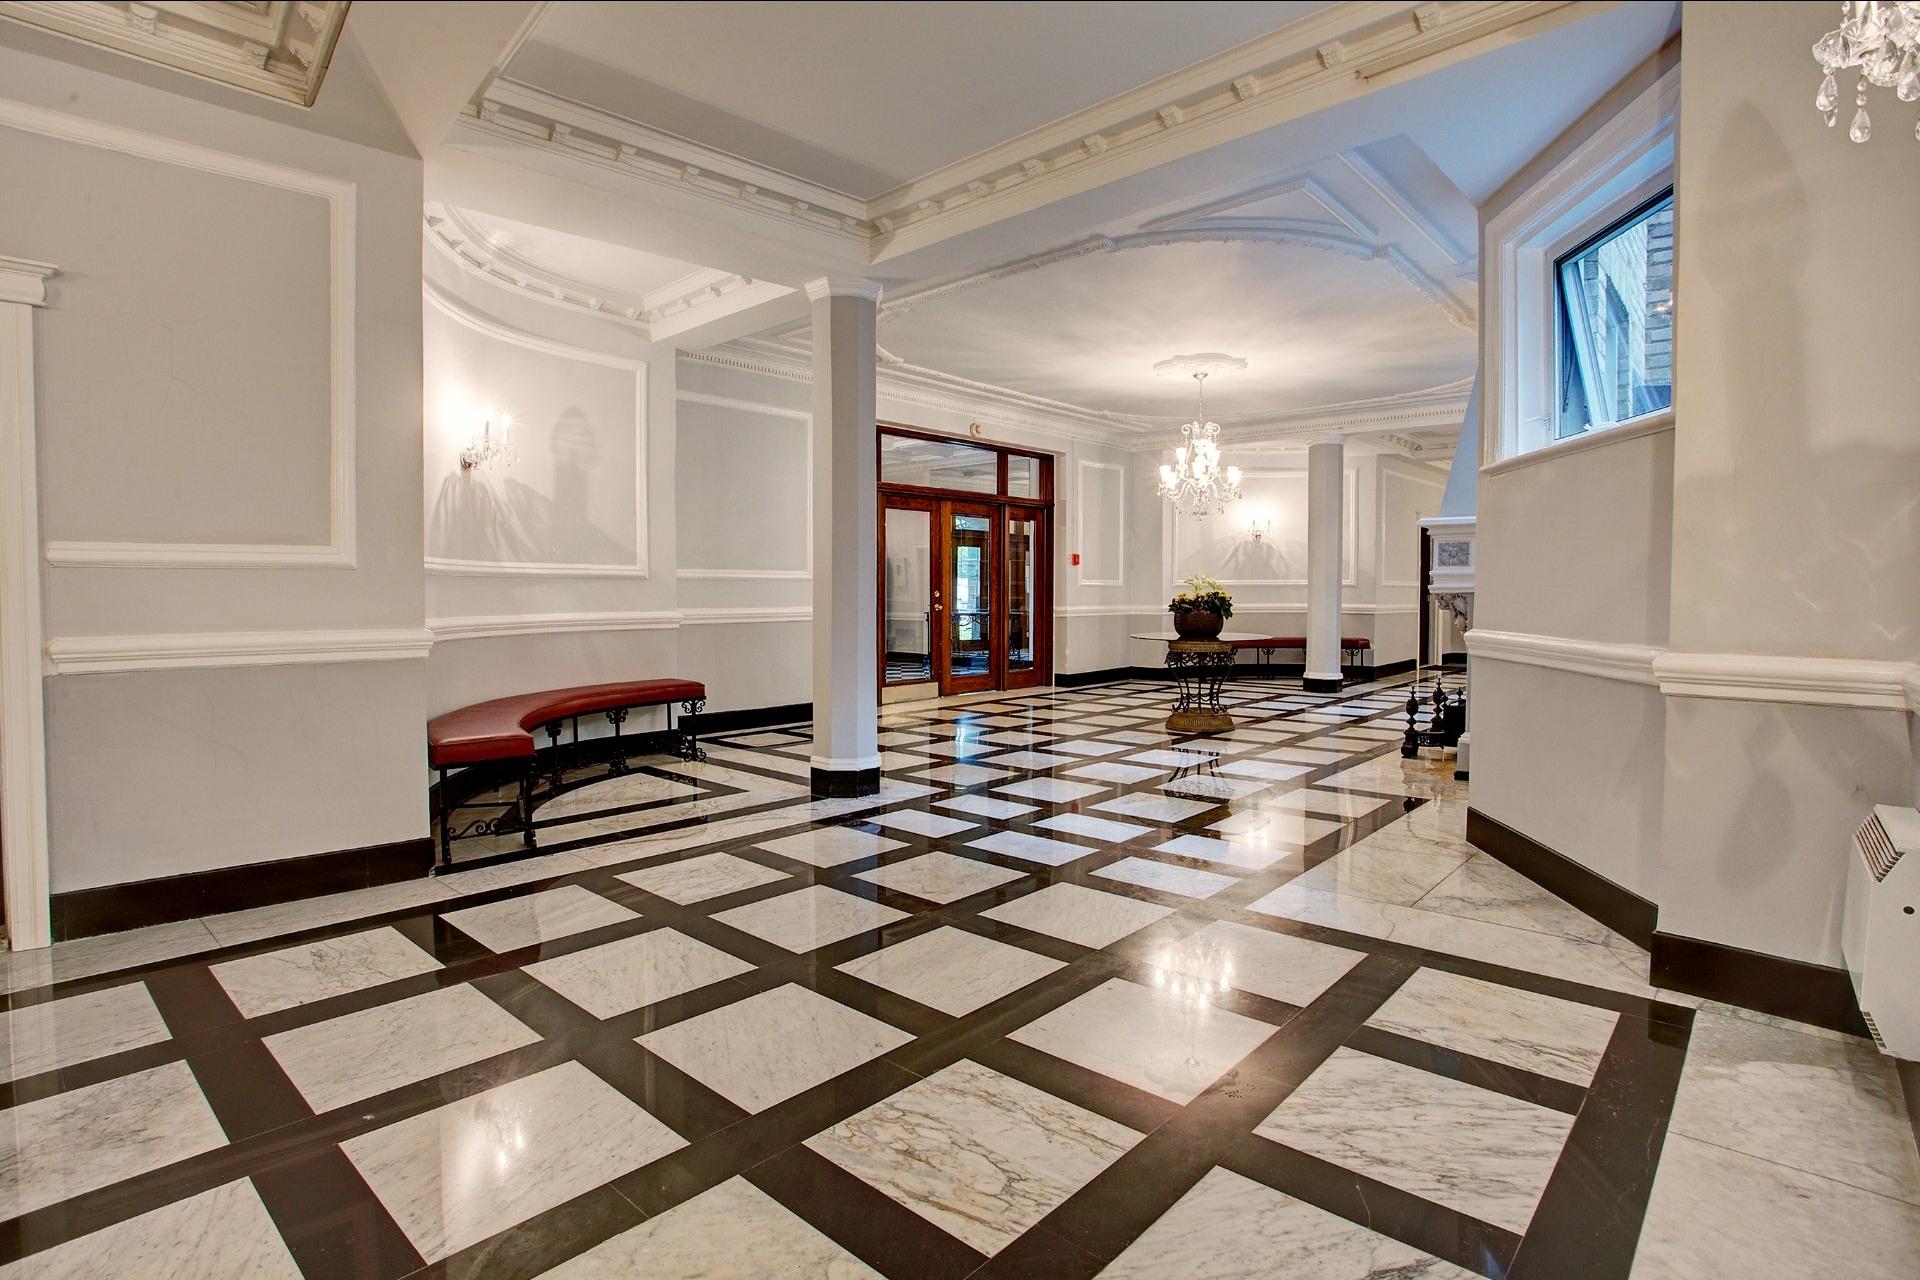 image 1 - Appartement À louer Westmount - 3 pièces